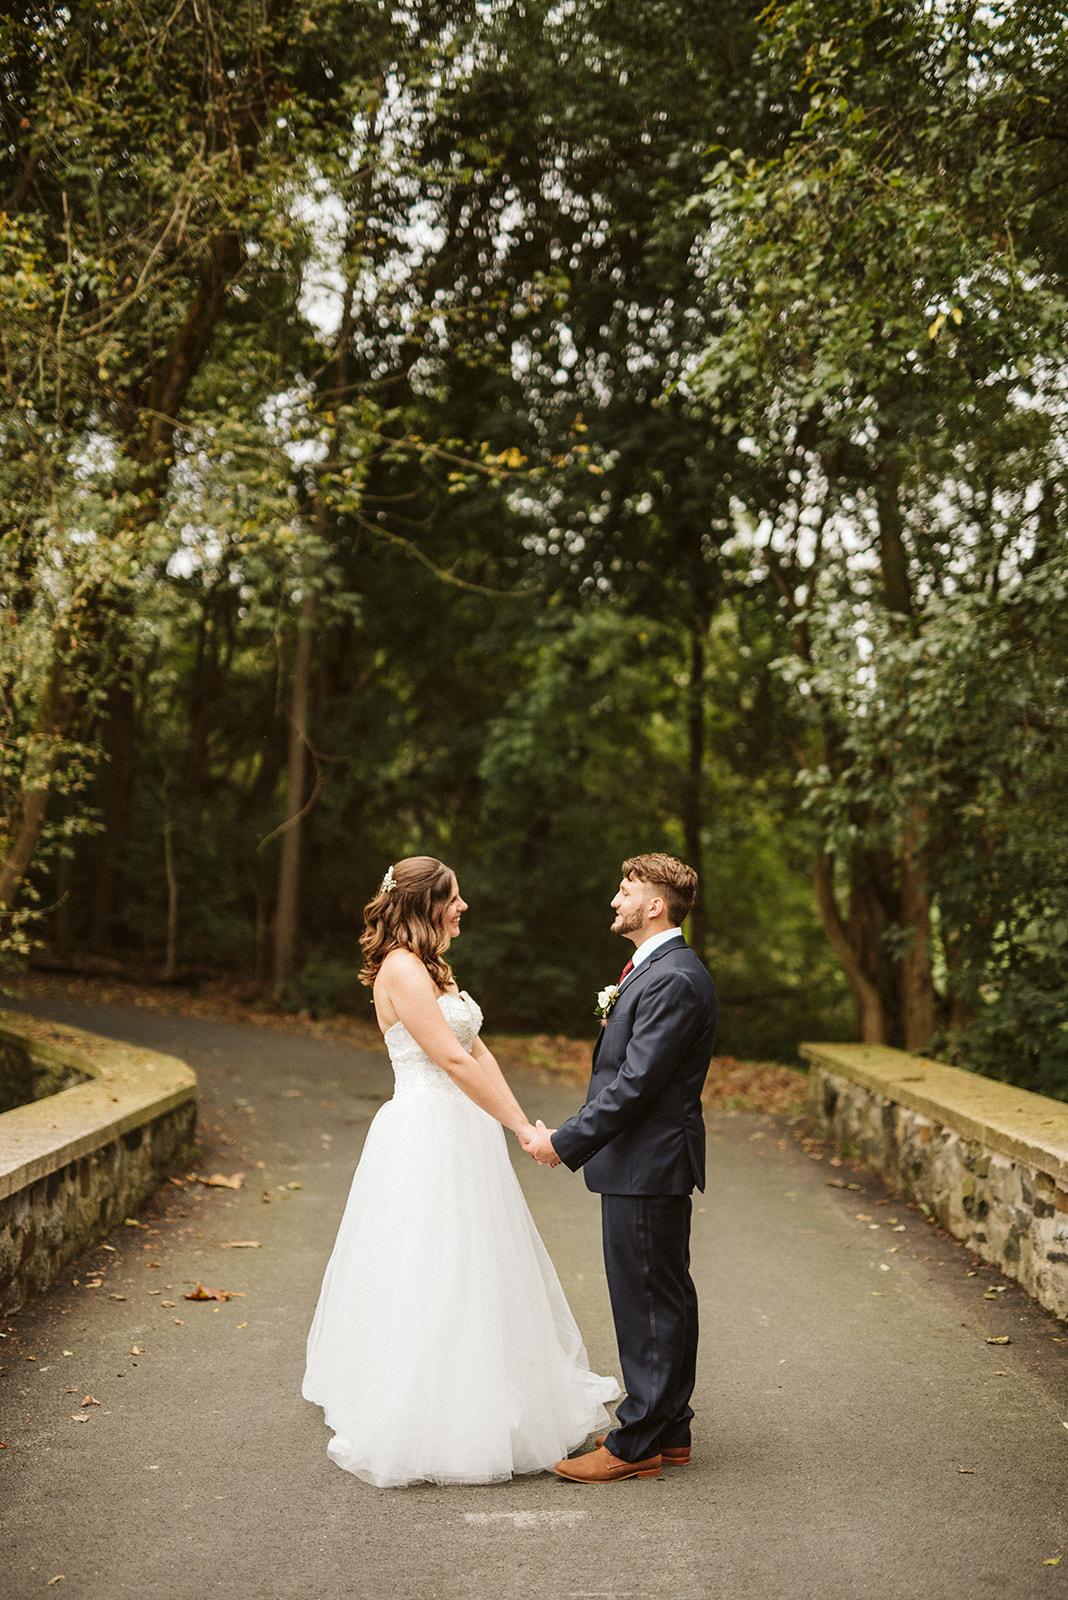 Nissley Winery Bainbridge PA Wedding Photographer